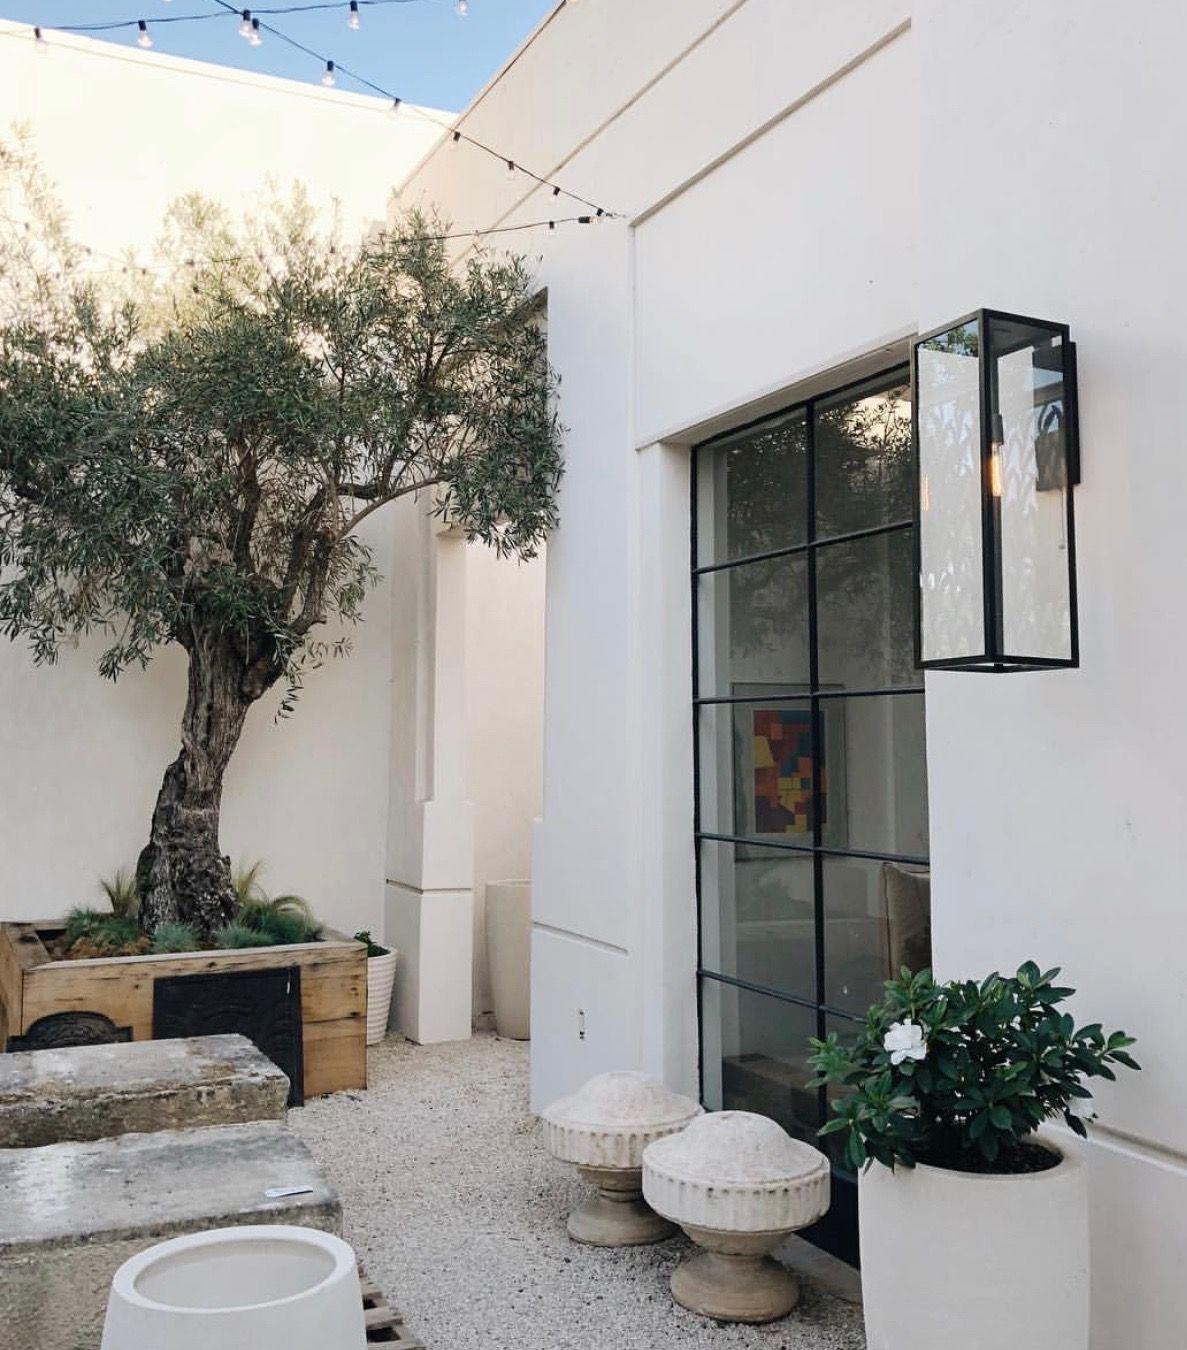 Pin Von Corley Wright Auf Burien House Hauswand Terassenideen Hintergarten